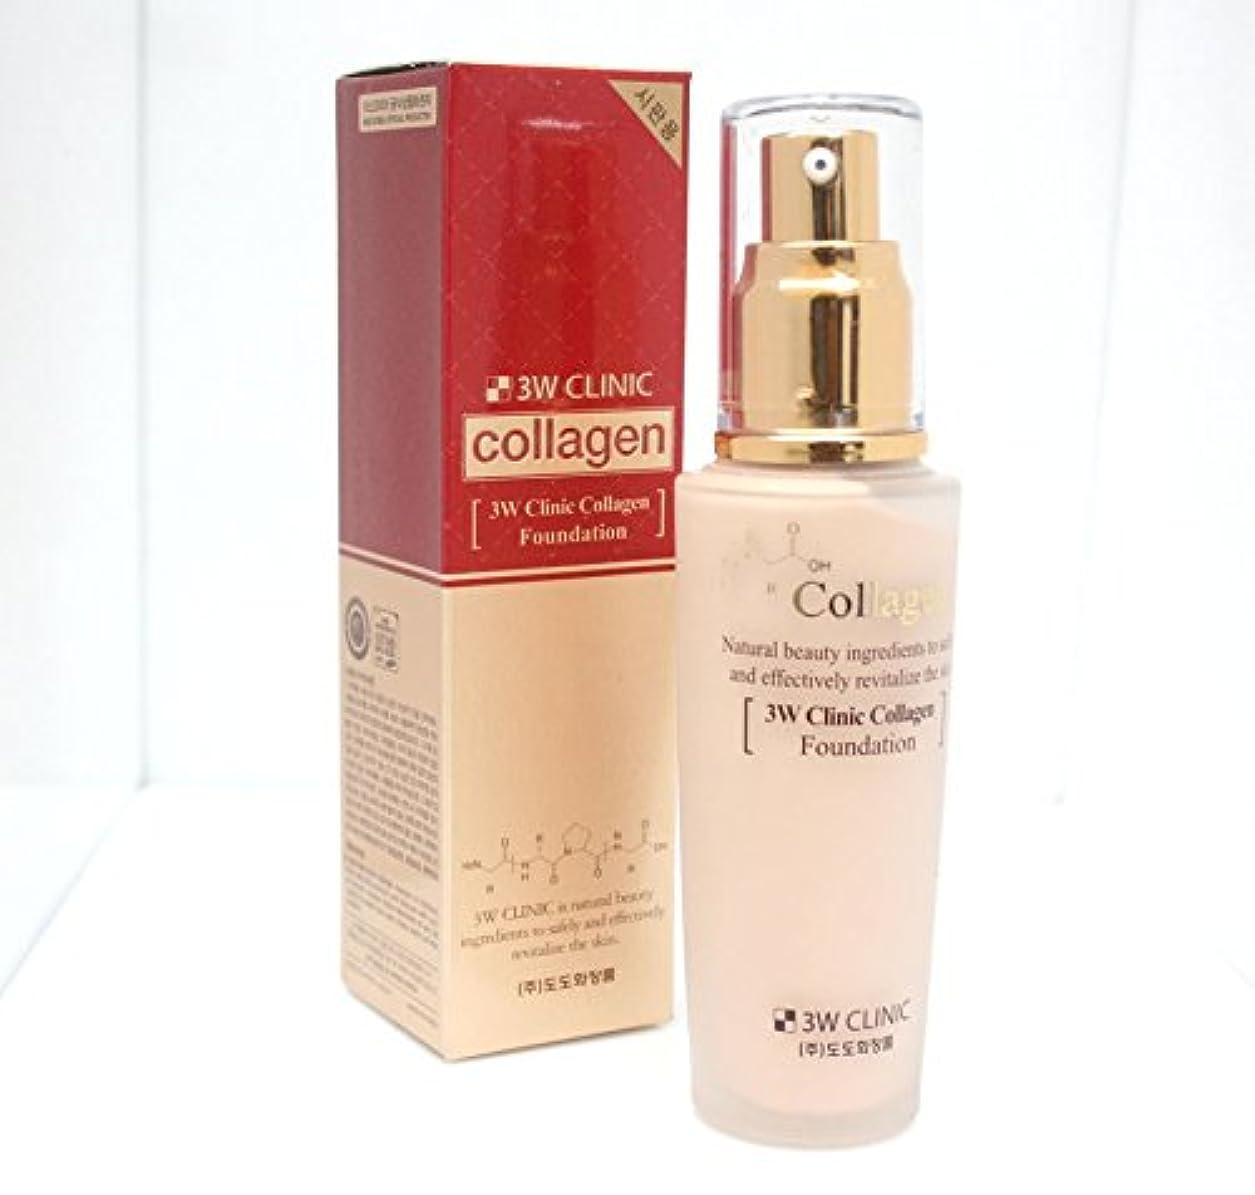 負そんなに遅れ[3w Clinic]  コラーゲンファンデーション50ml / Collagen Foundation 50ml/ パーフェクトカバーBBクリーム / 21クリアベージュ / Perfect Cover BB Cream...